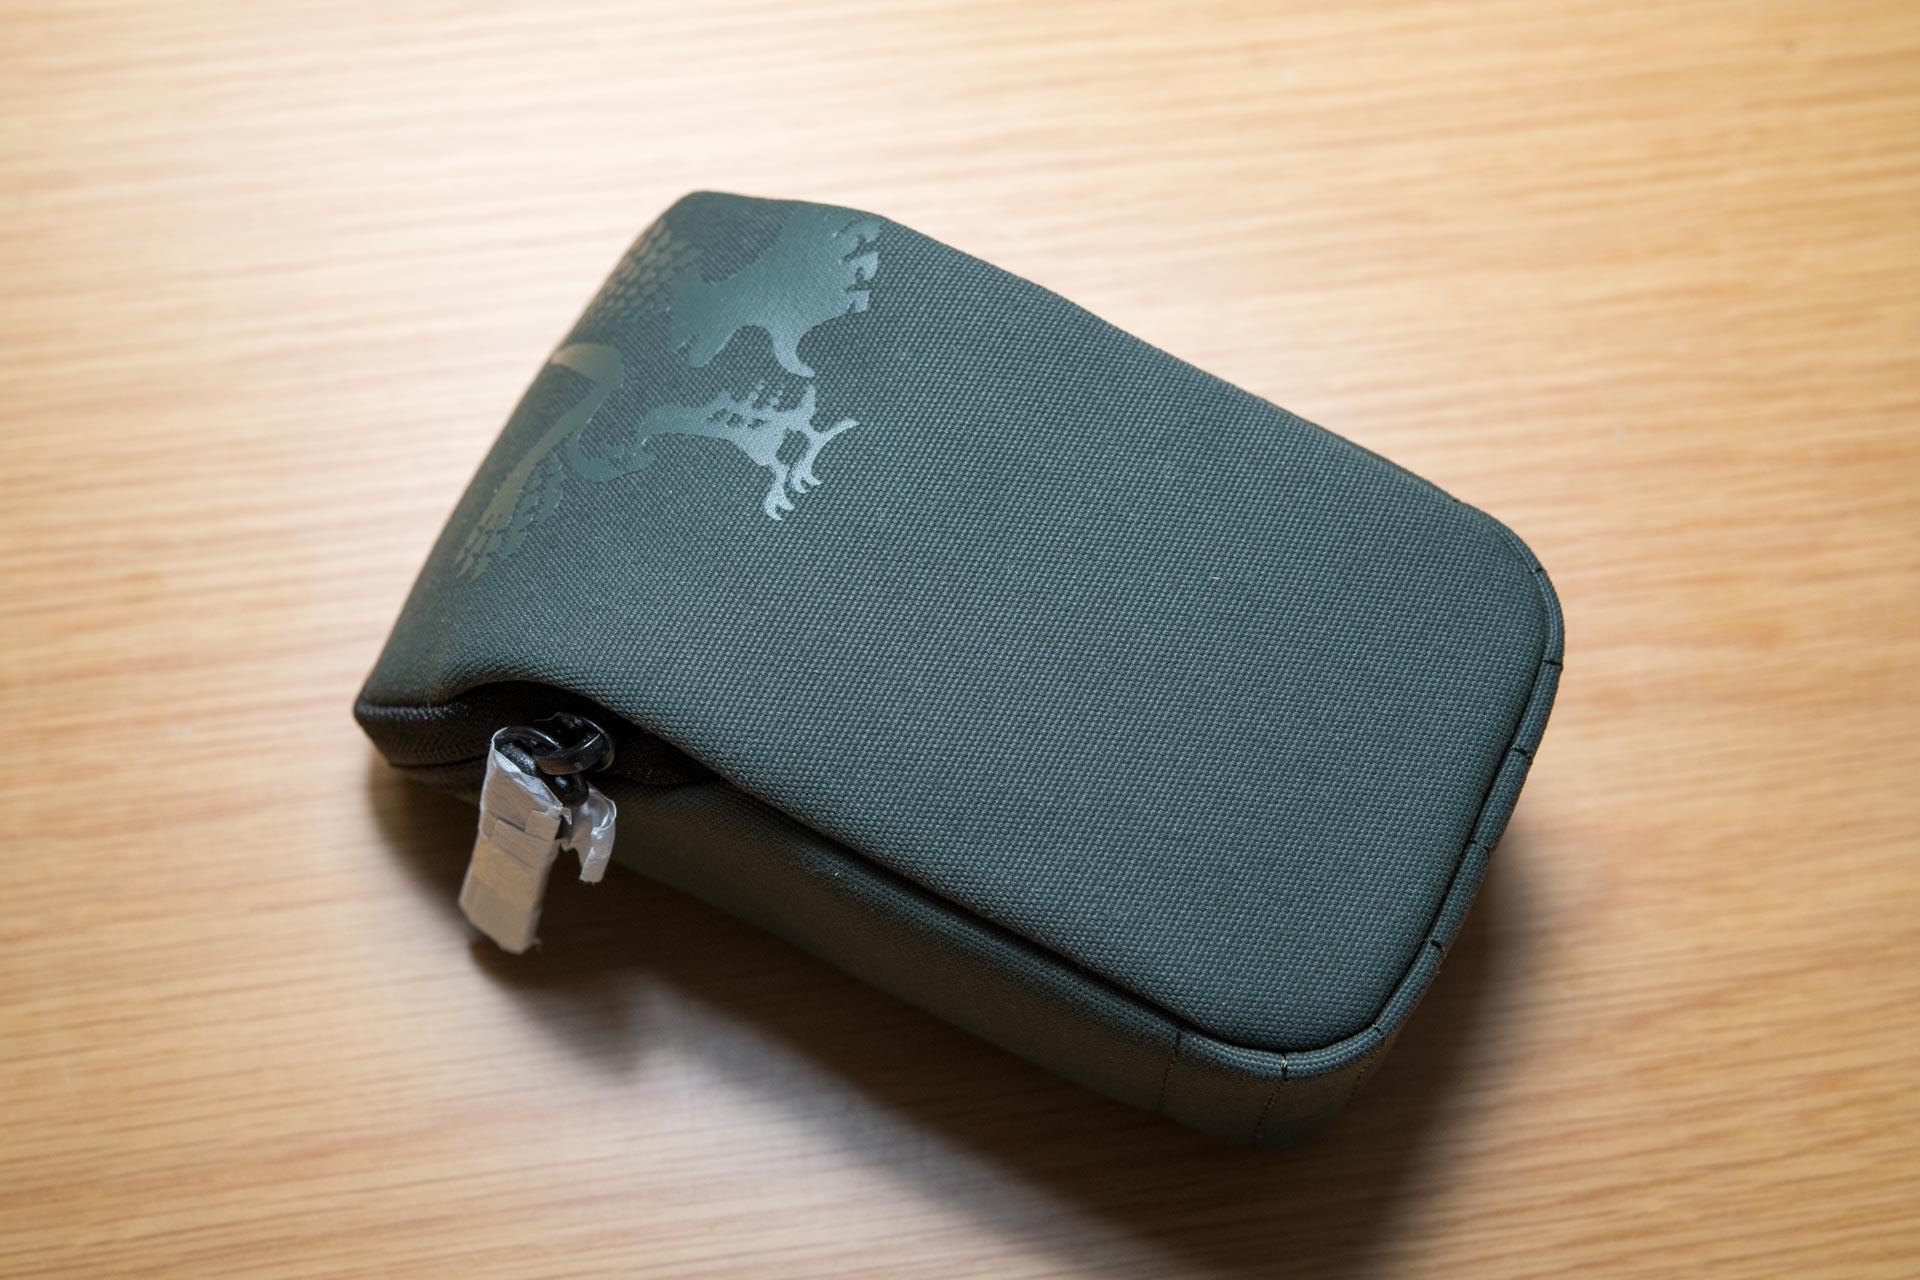 俺が購入したスワロフスキーの8x25 CL Pocket